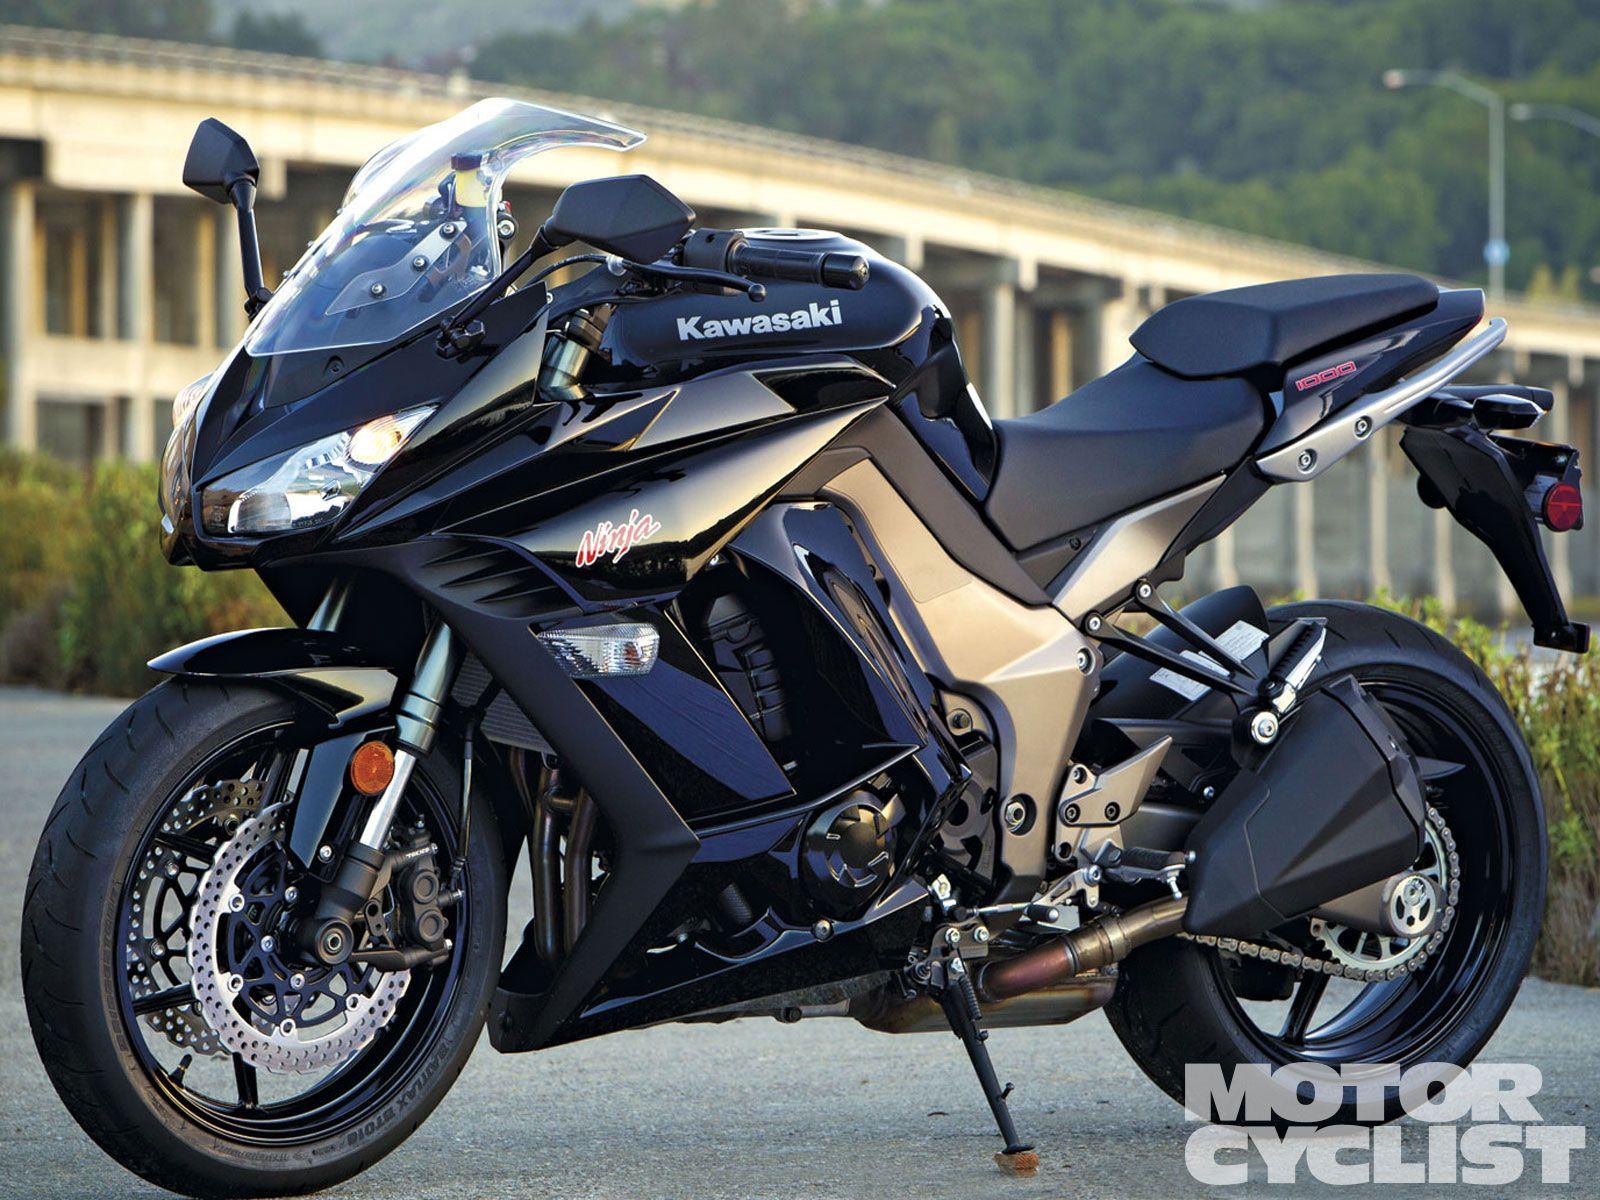 Gsx1250fa Or Zx 14 Ninja Motorcycle Kawasaki Ninja Ninja Bike